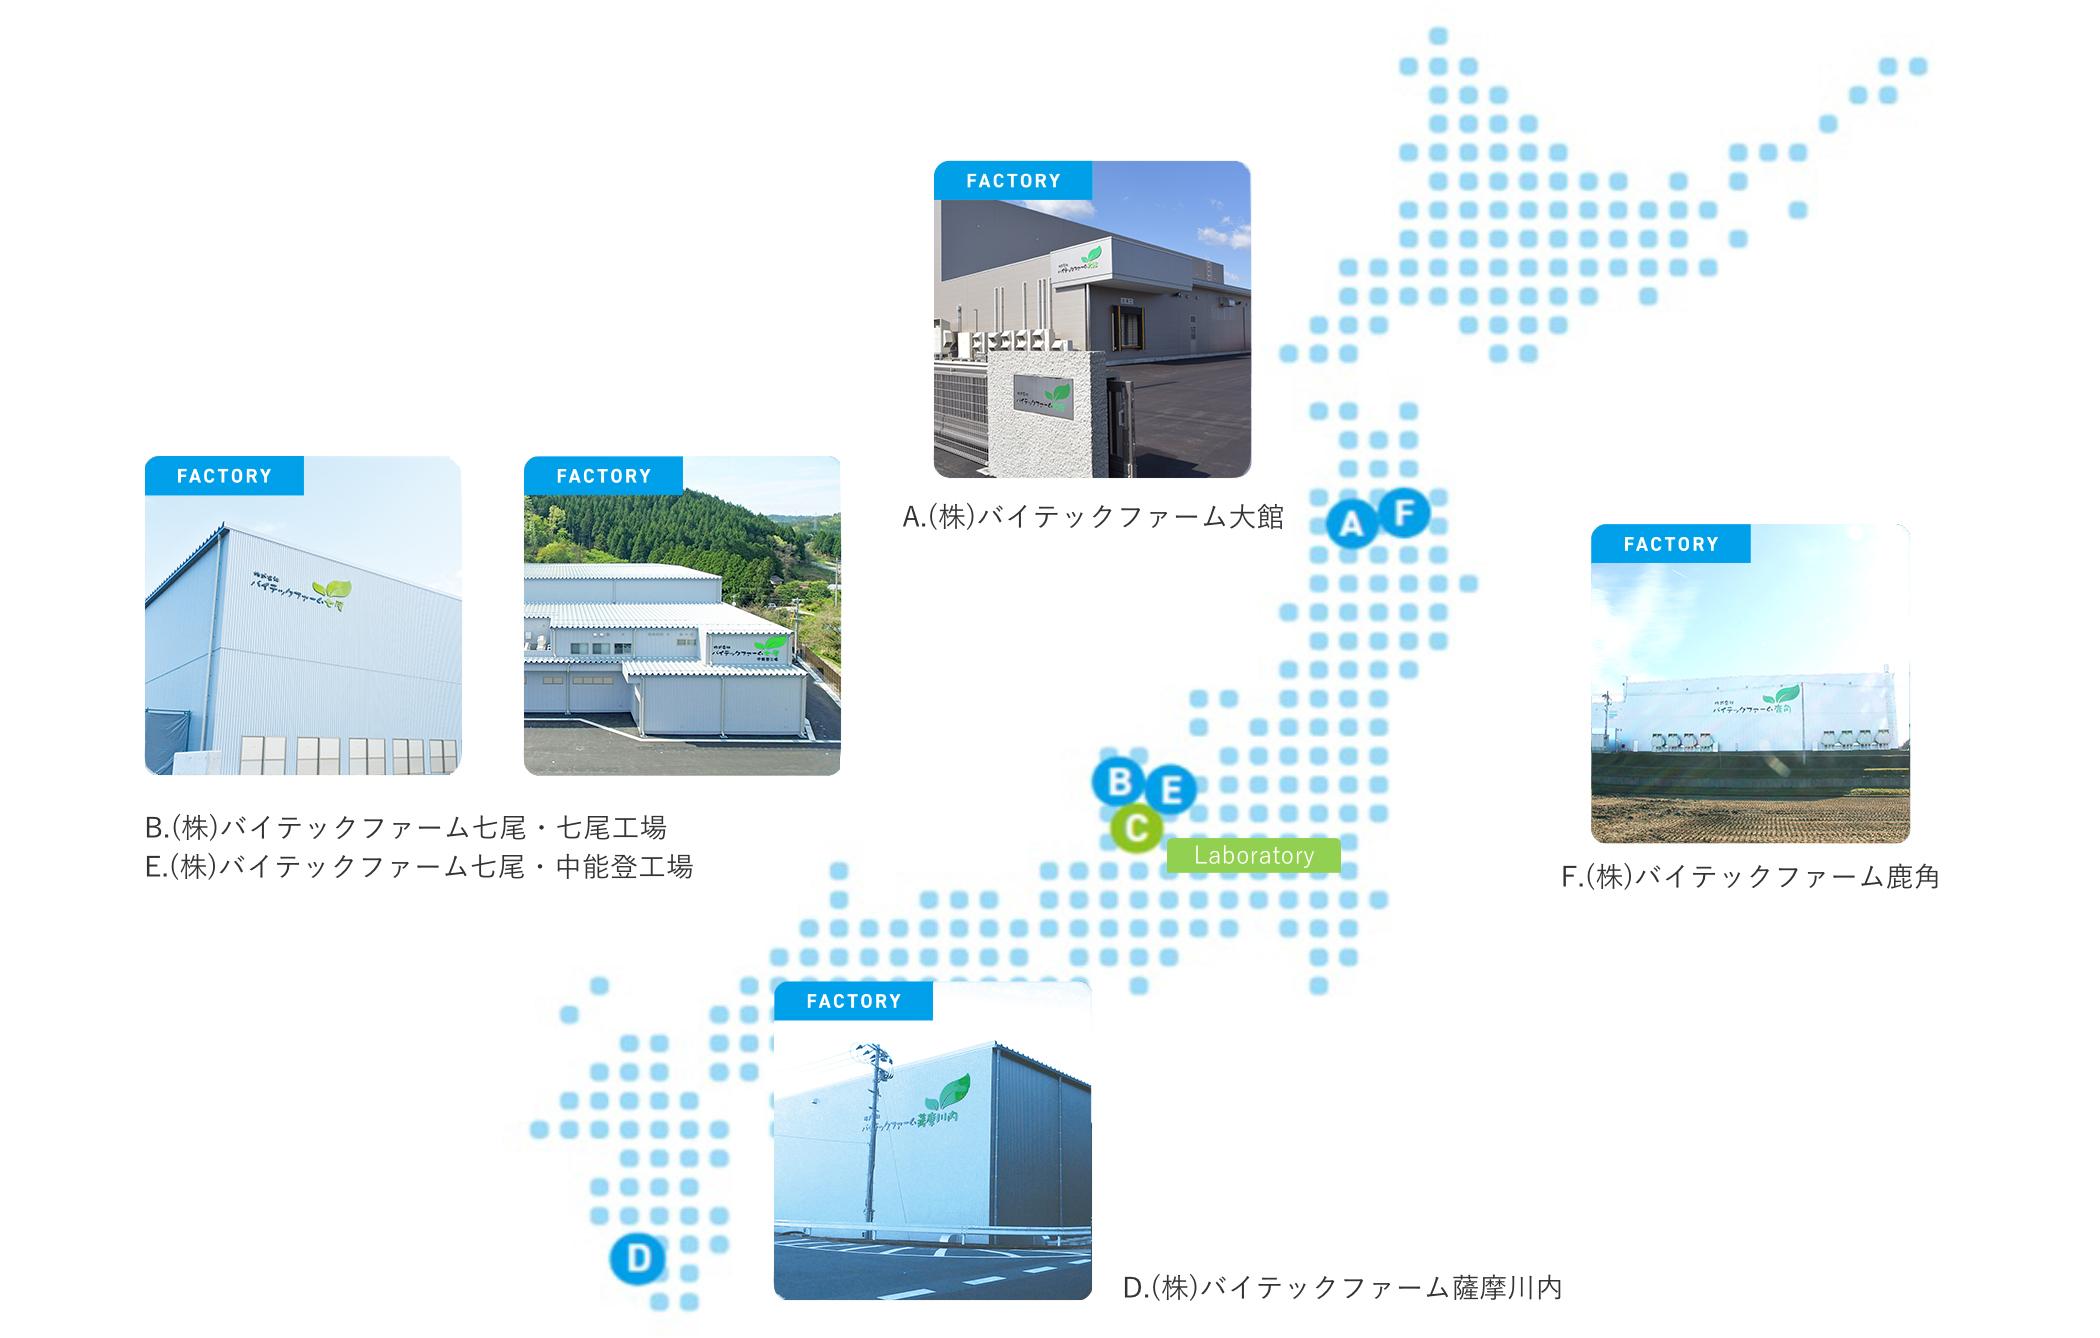 災害対策に。求められる「分散型エネルギーシステム」への変革と、発電所の「自立運転機能」